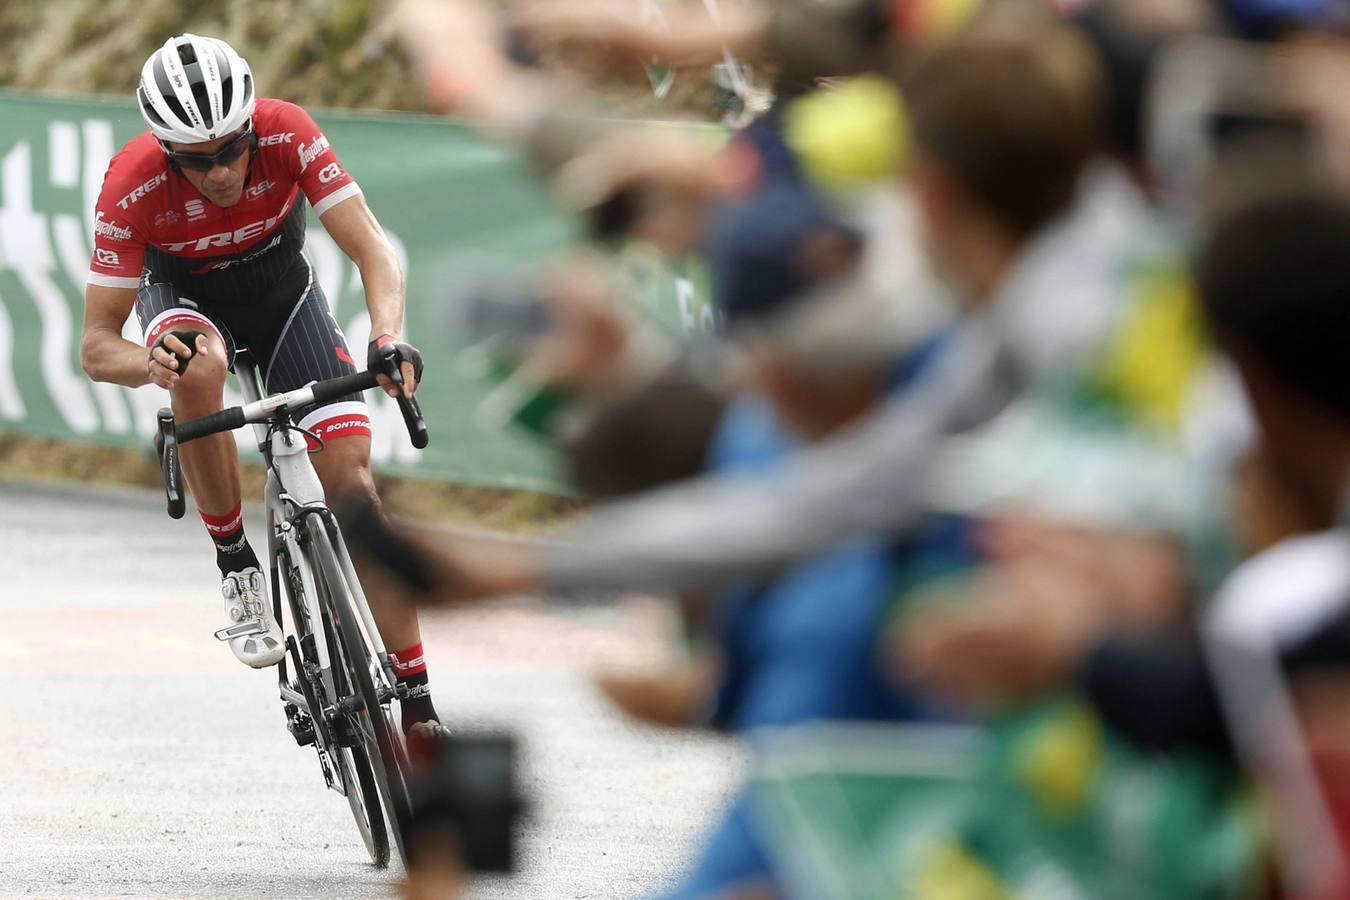 La «dureza» y la «épica» regresarán a la Vuelta con la etapa de Los Machucos